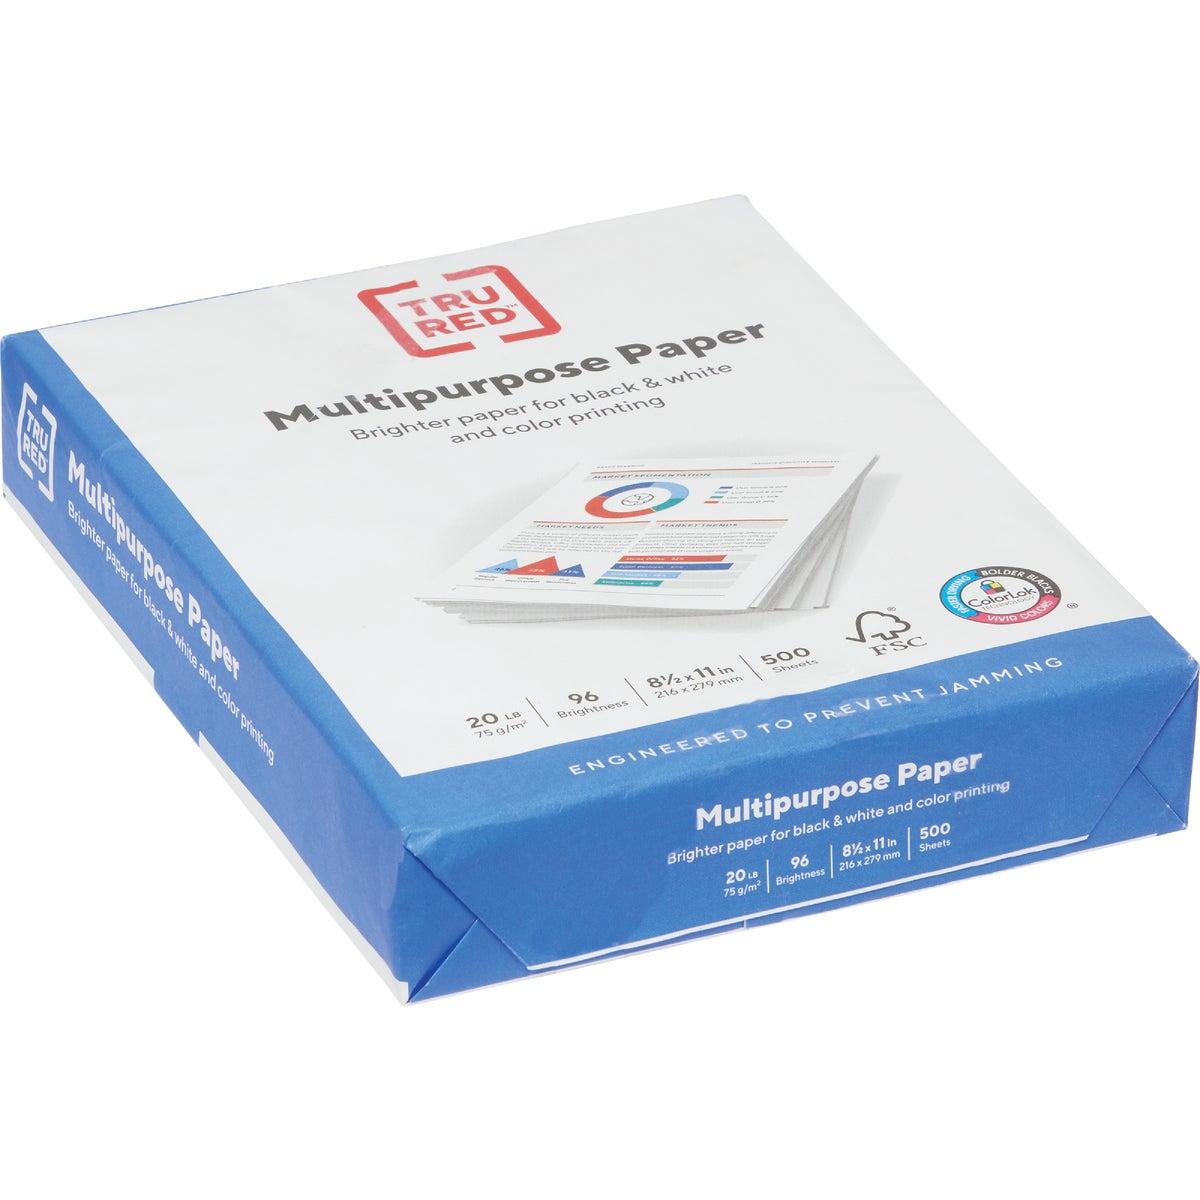 500 Multipurpose Paper